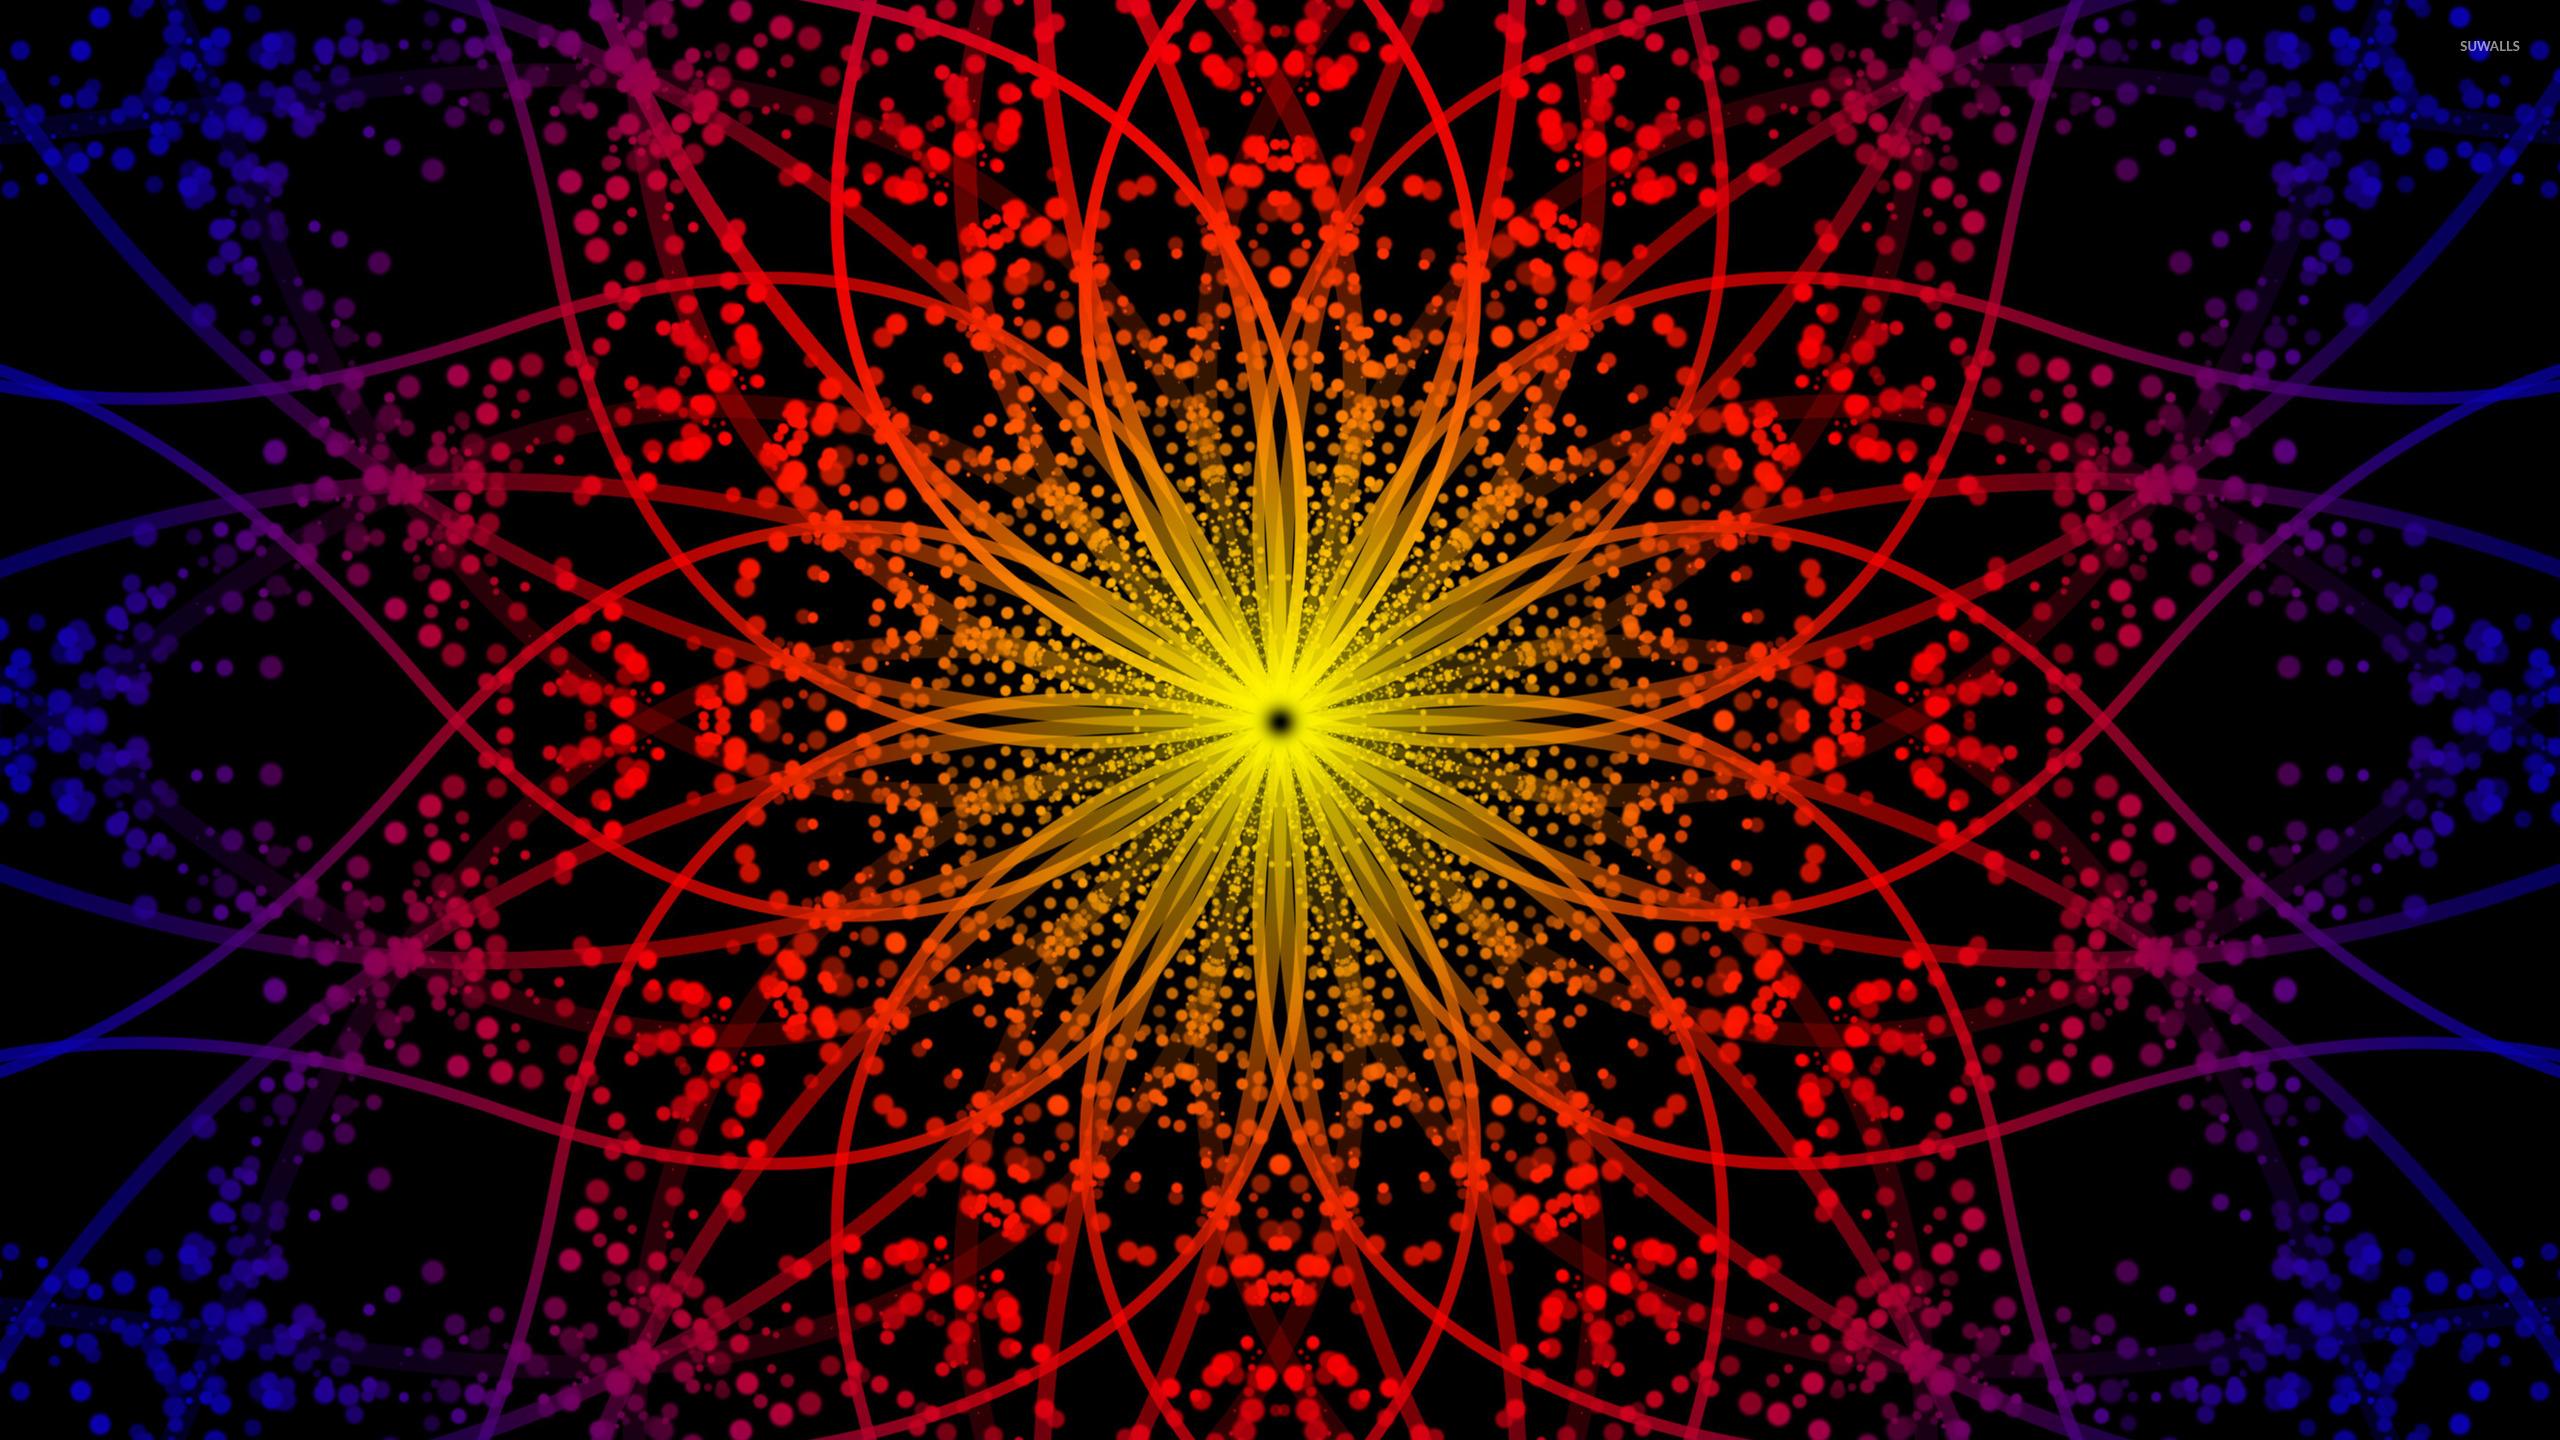 fractal circles wallpaper abstract wallpapers 26455